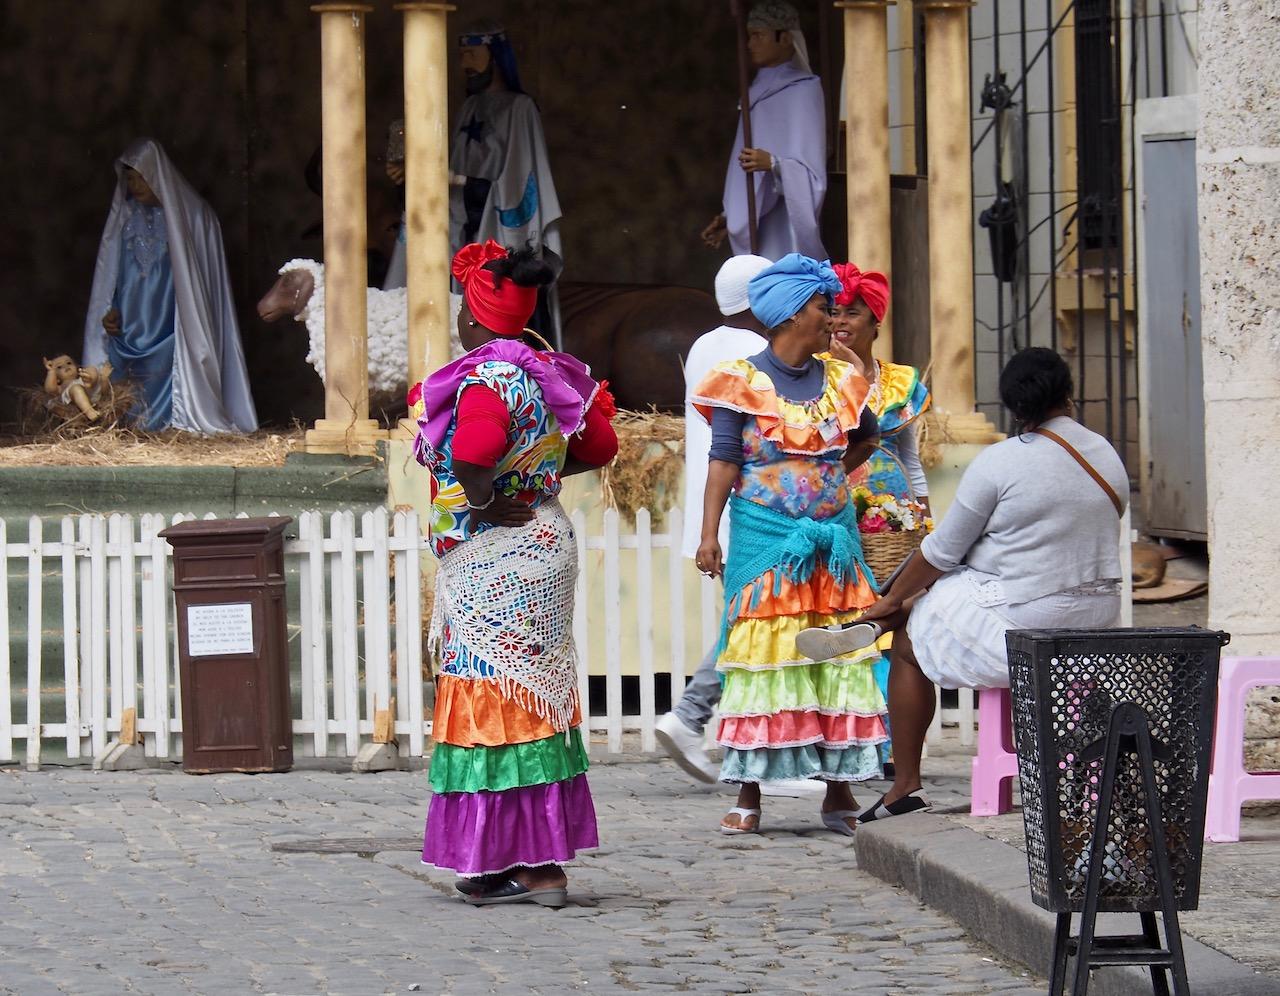 3 jours à la Havane - La Habana Vieja - femmes en costume traditionnel